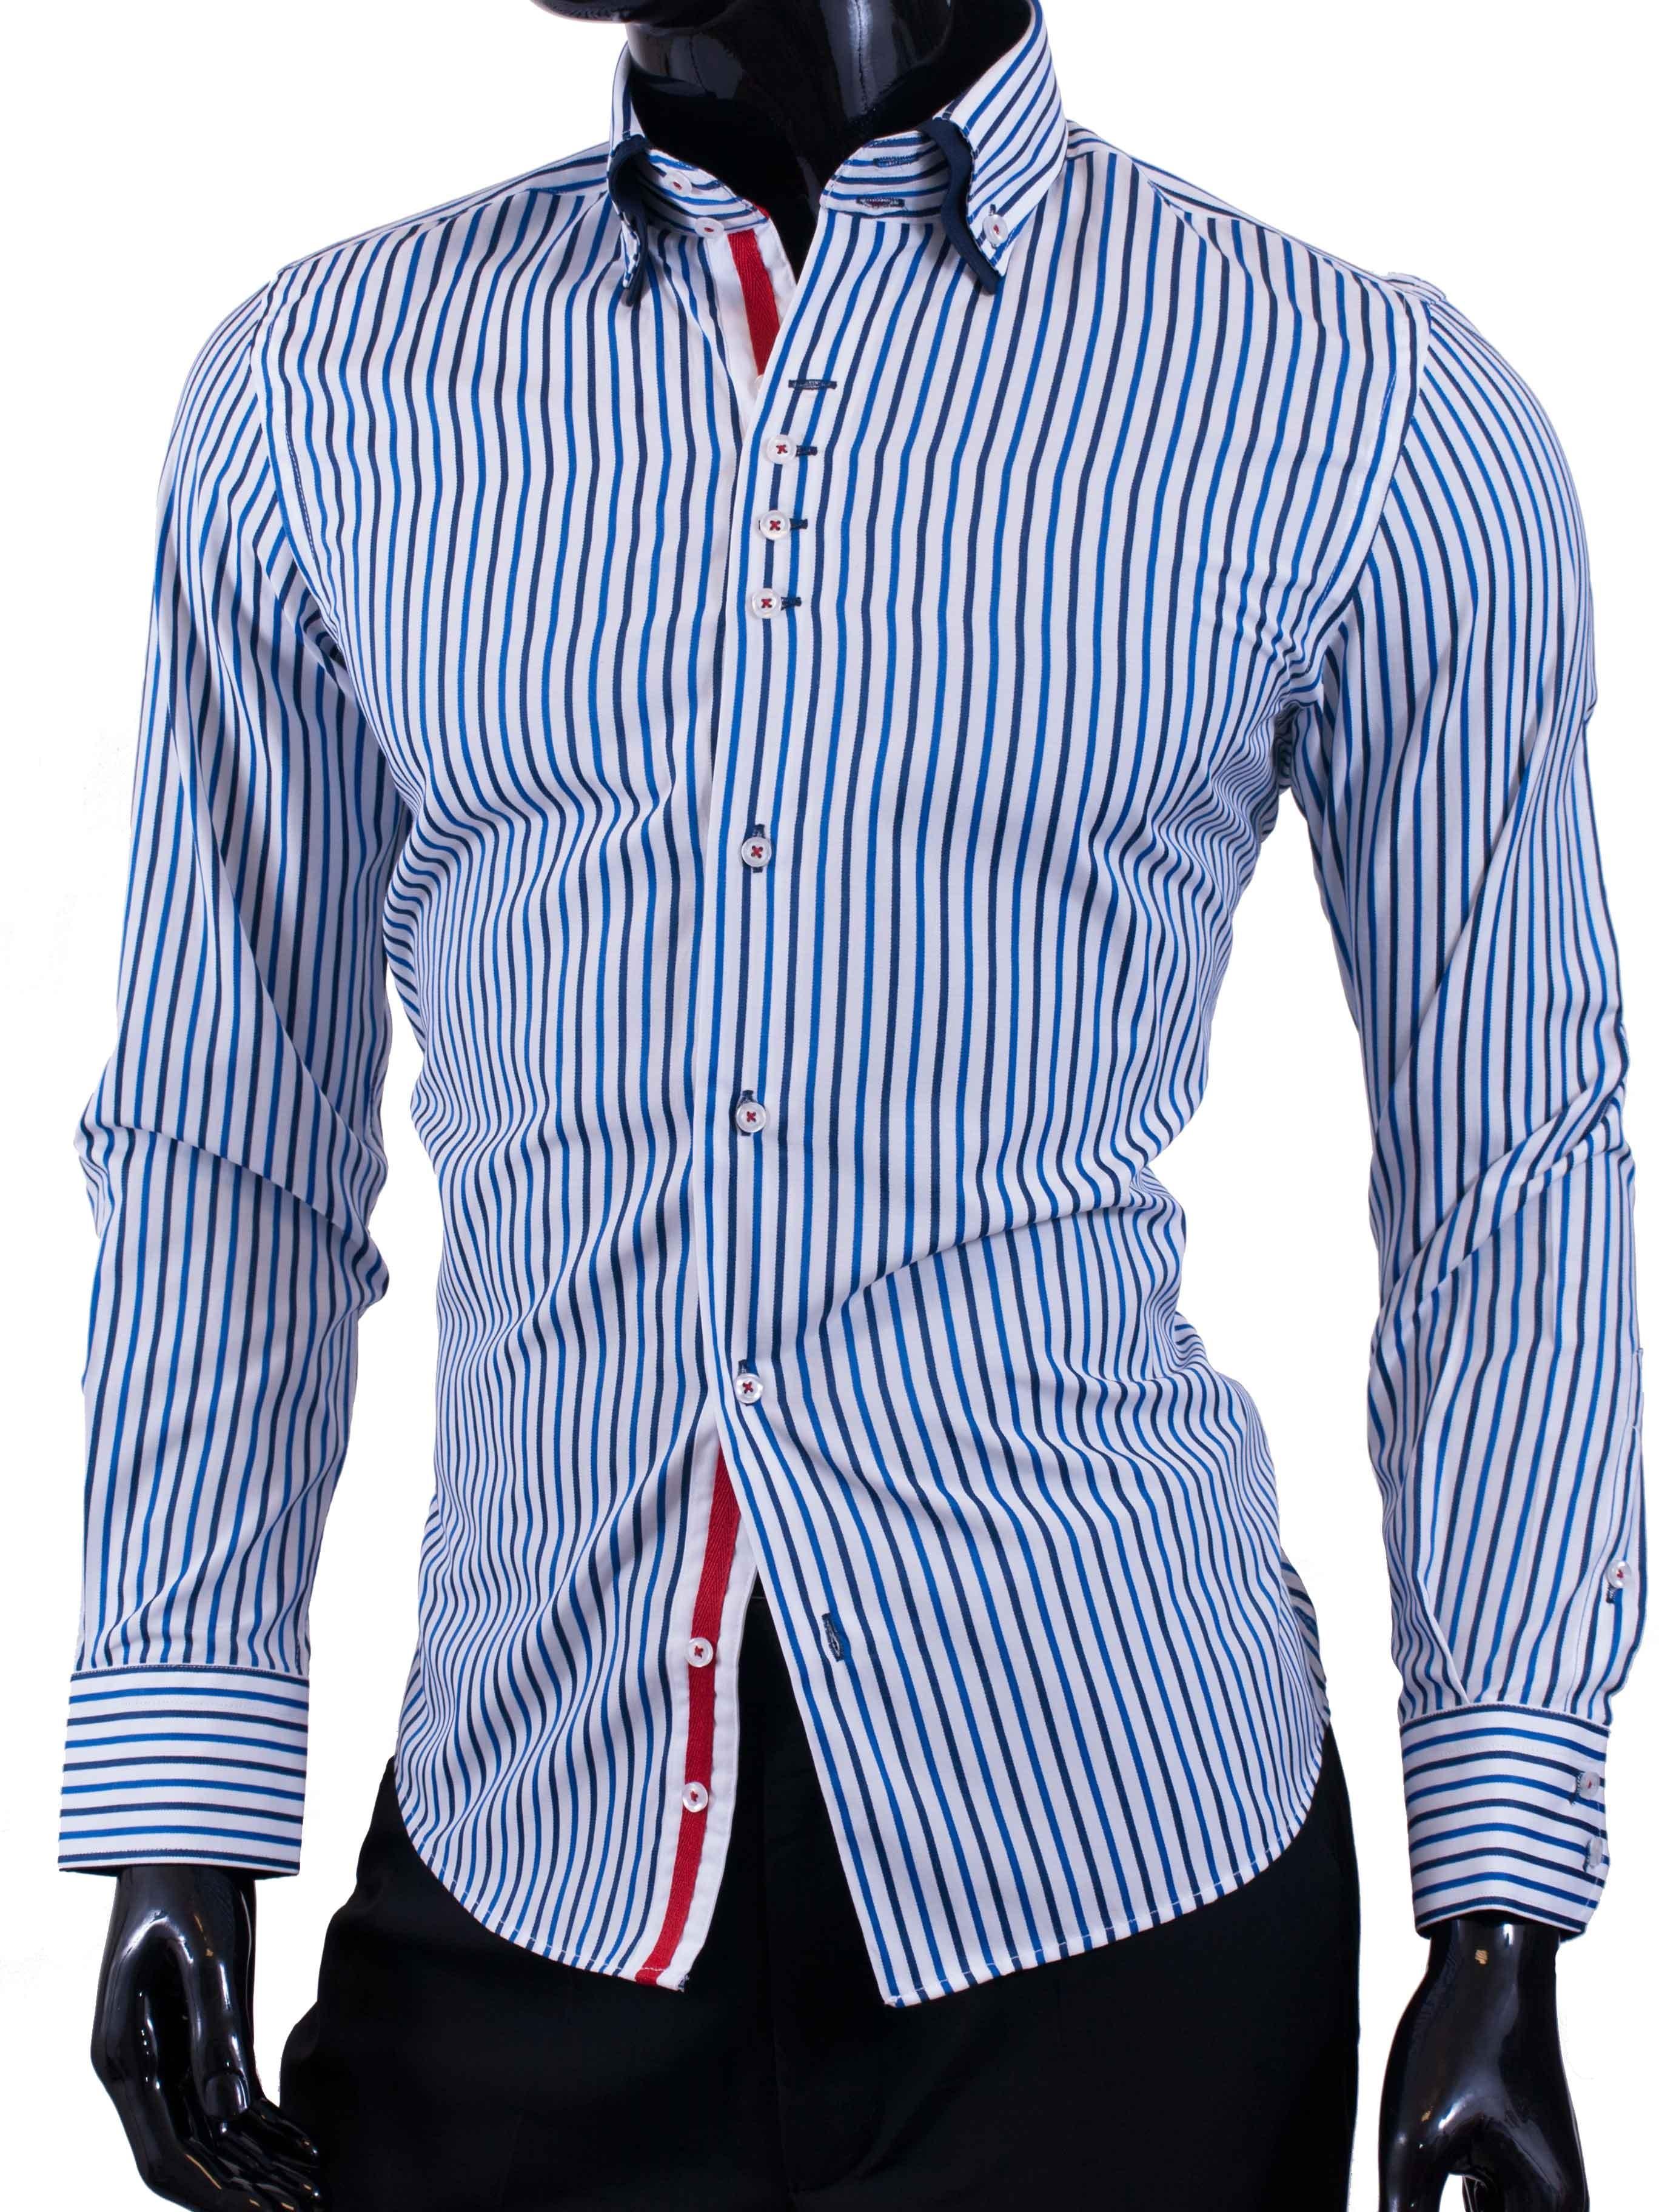 Pánská košile Egoman modře proužkovaná